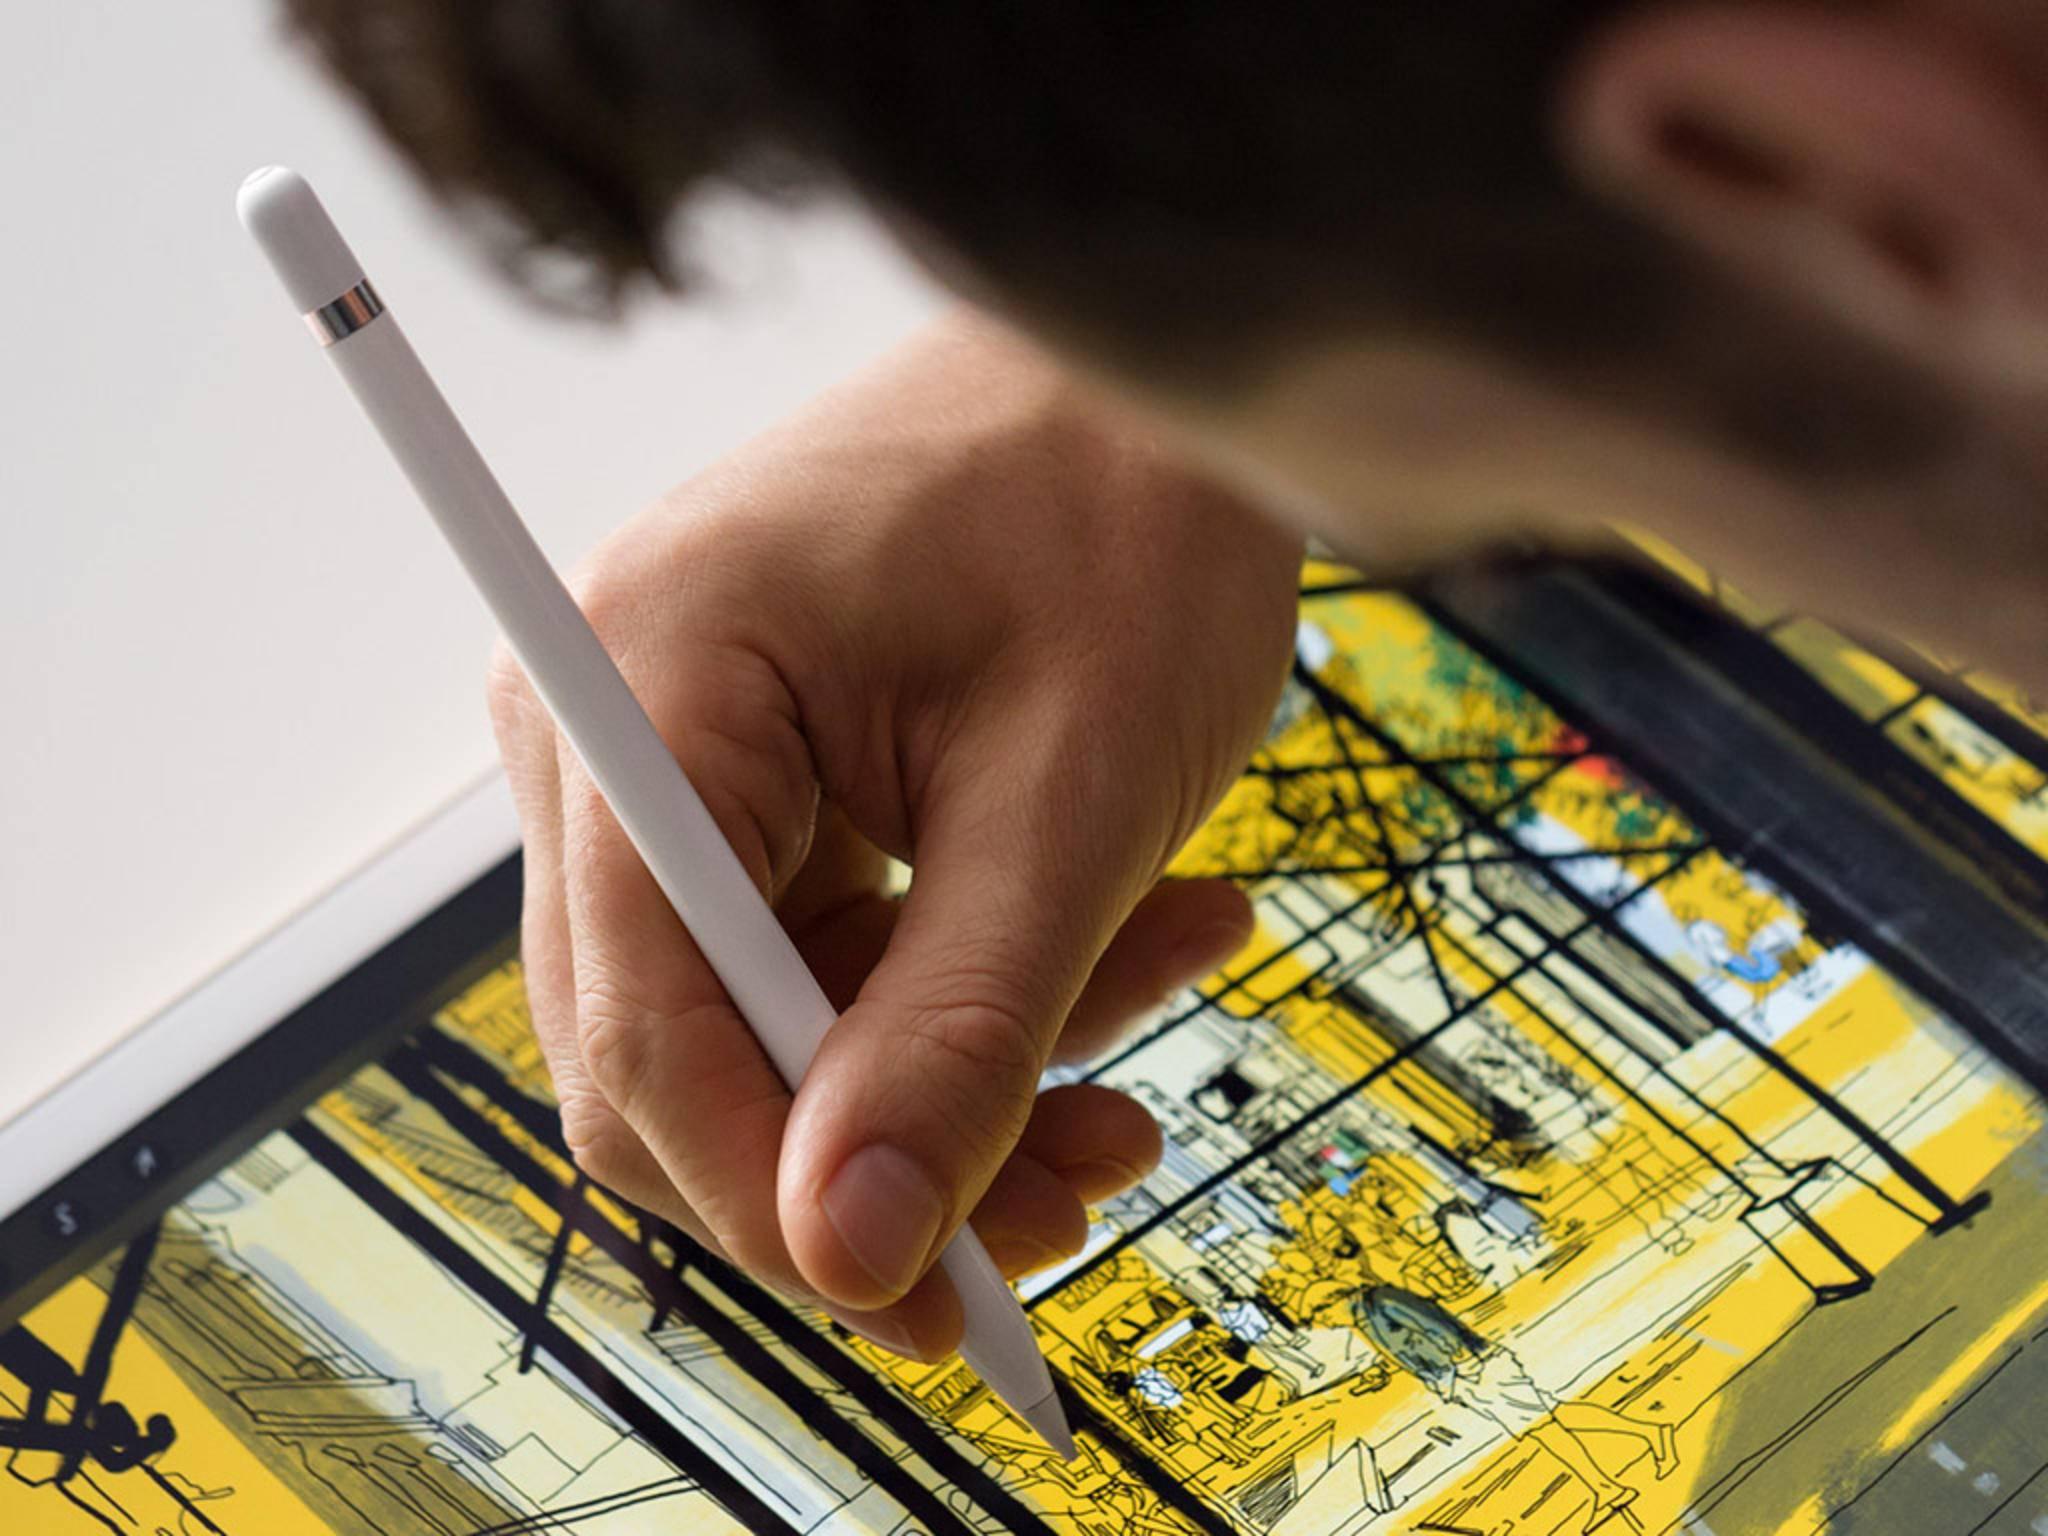 Der Apple Pencil fürs iPad Pro lässt sich auch als 3D Touch-Eingabestift verwenden.